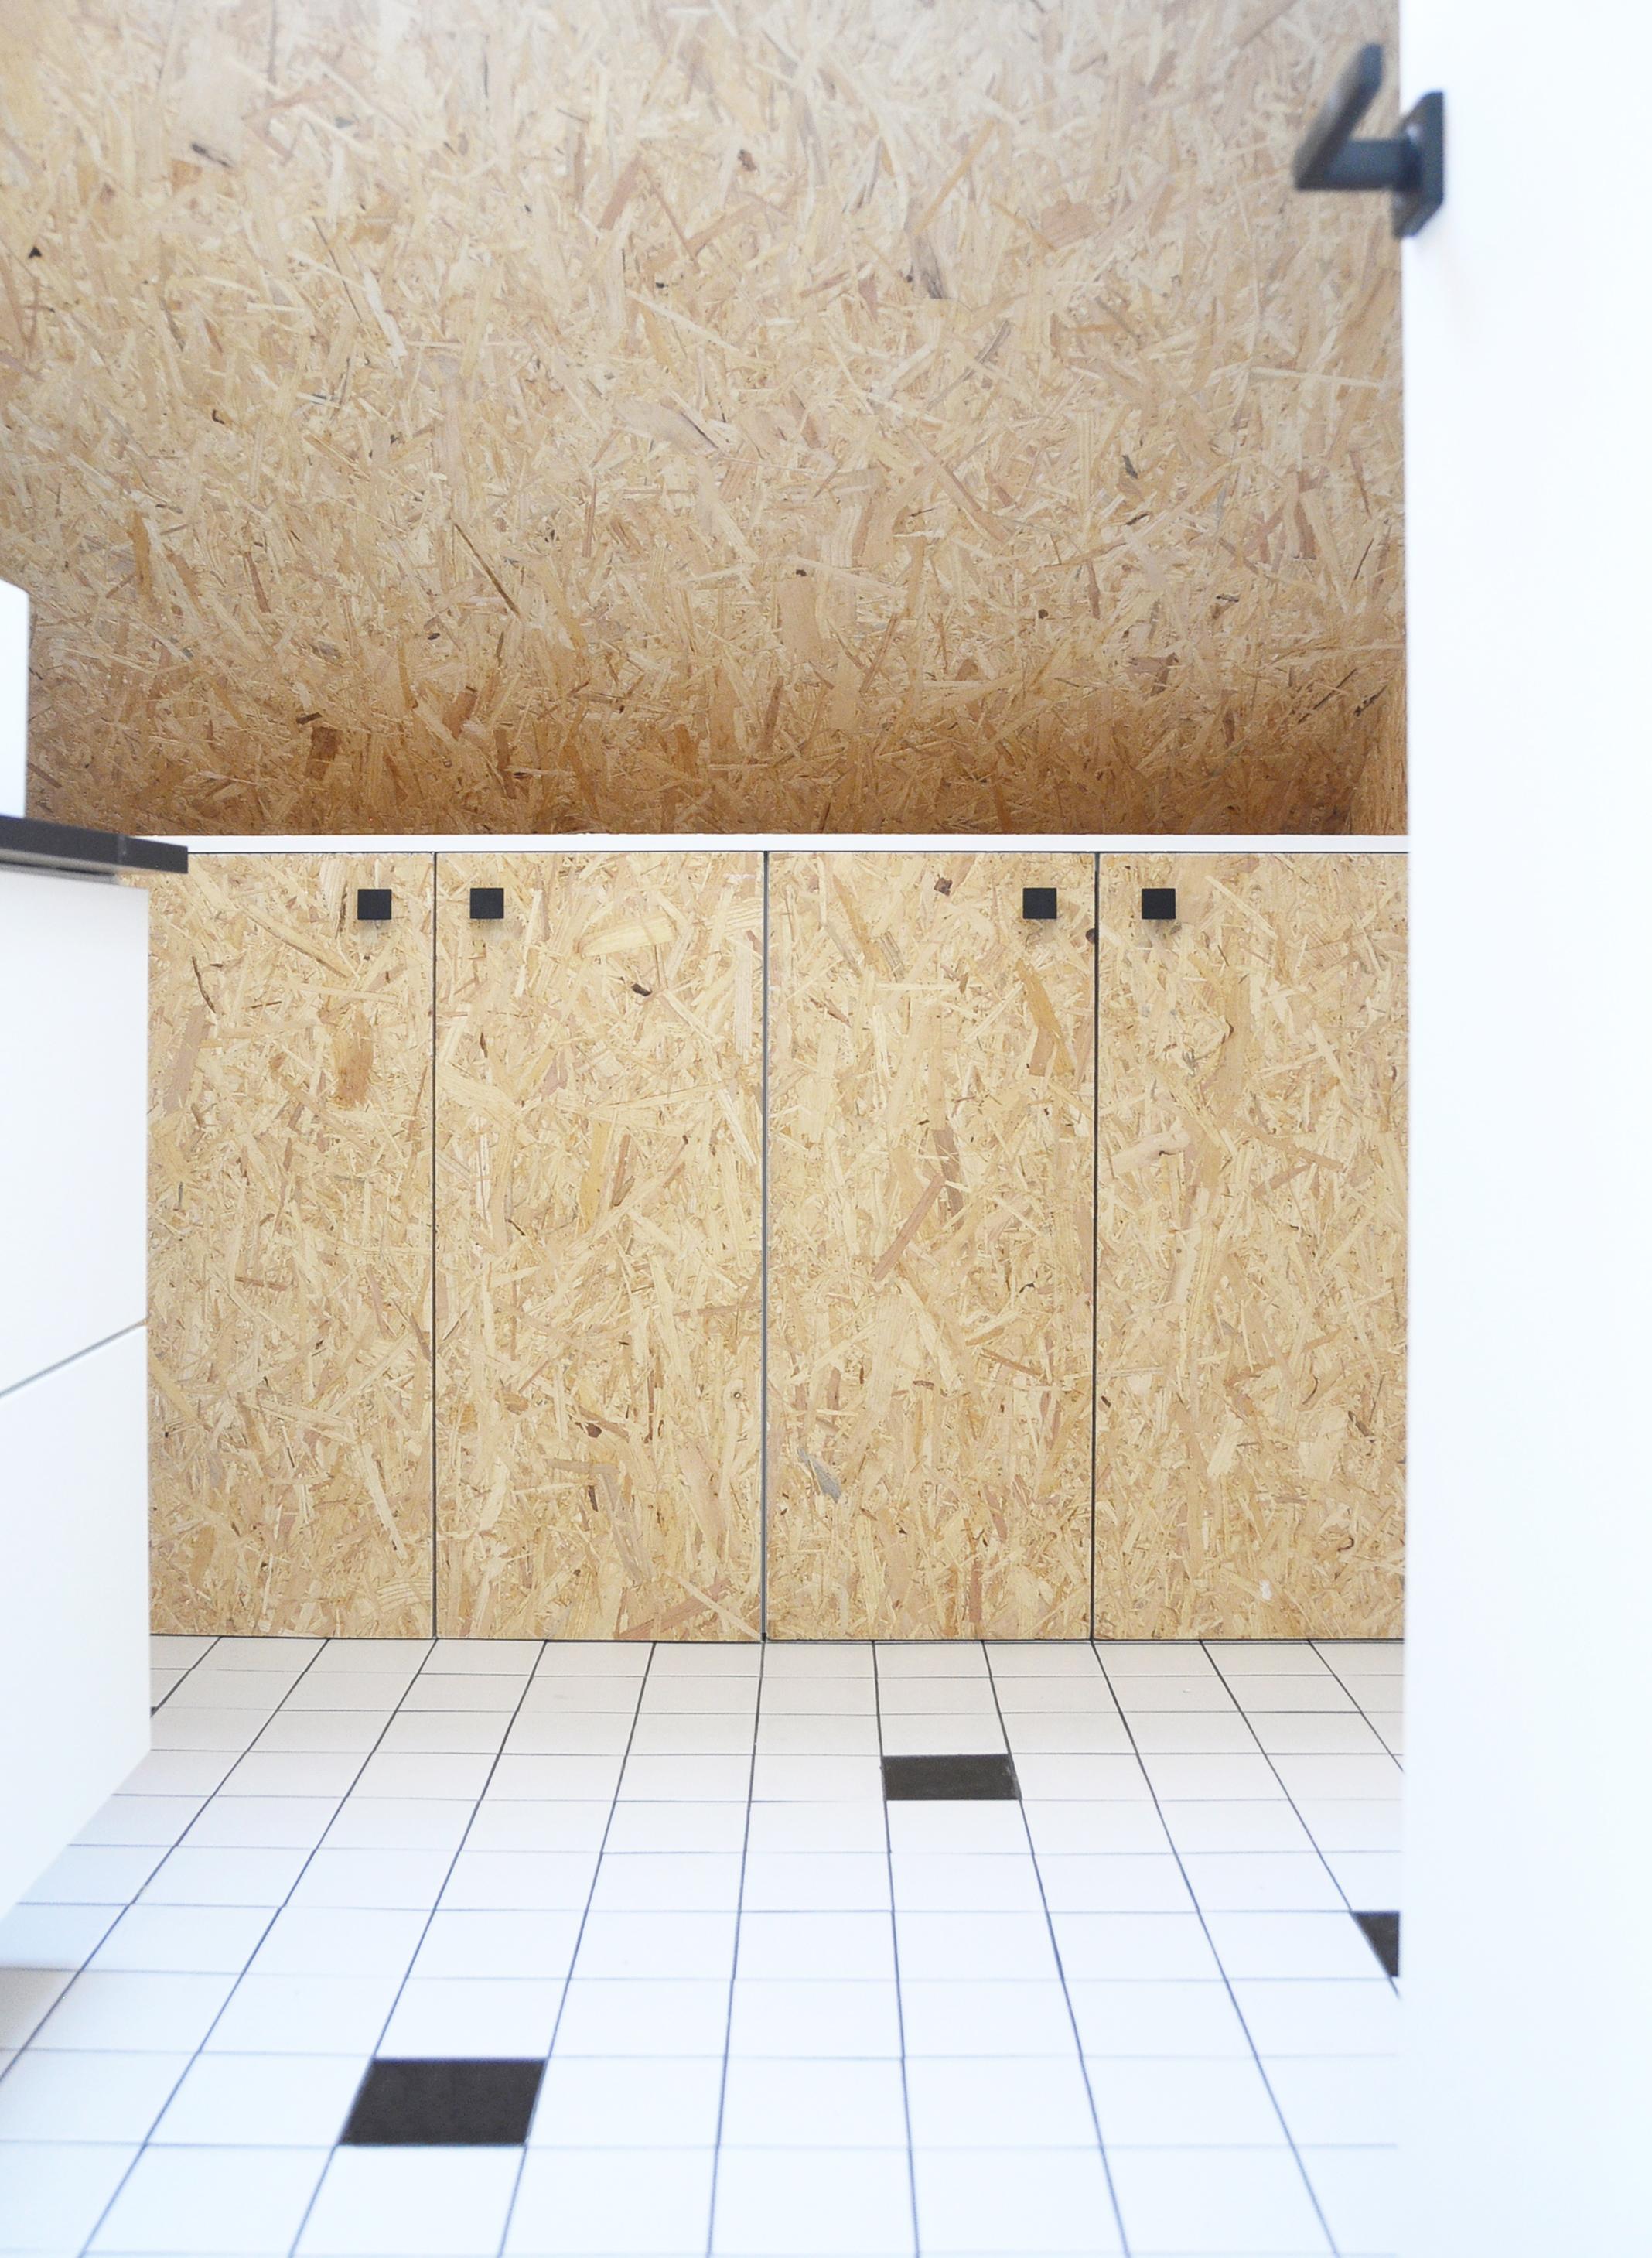 Osb Dans Salle De Bain chloé cornu | architecture | maison à colombes